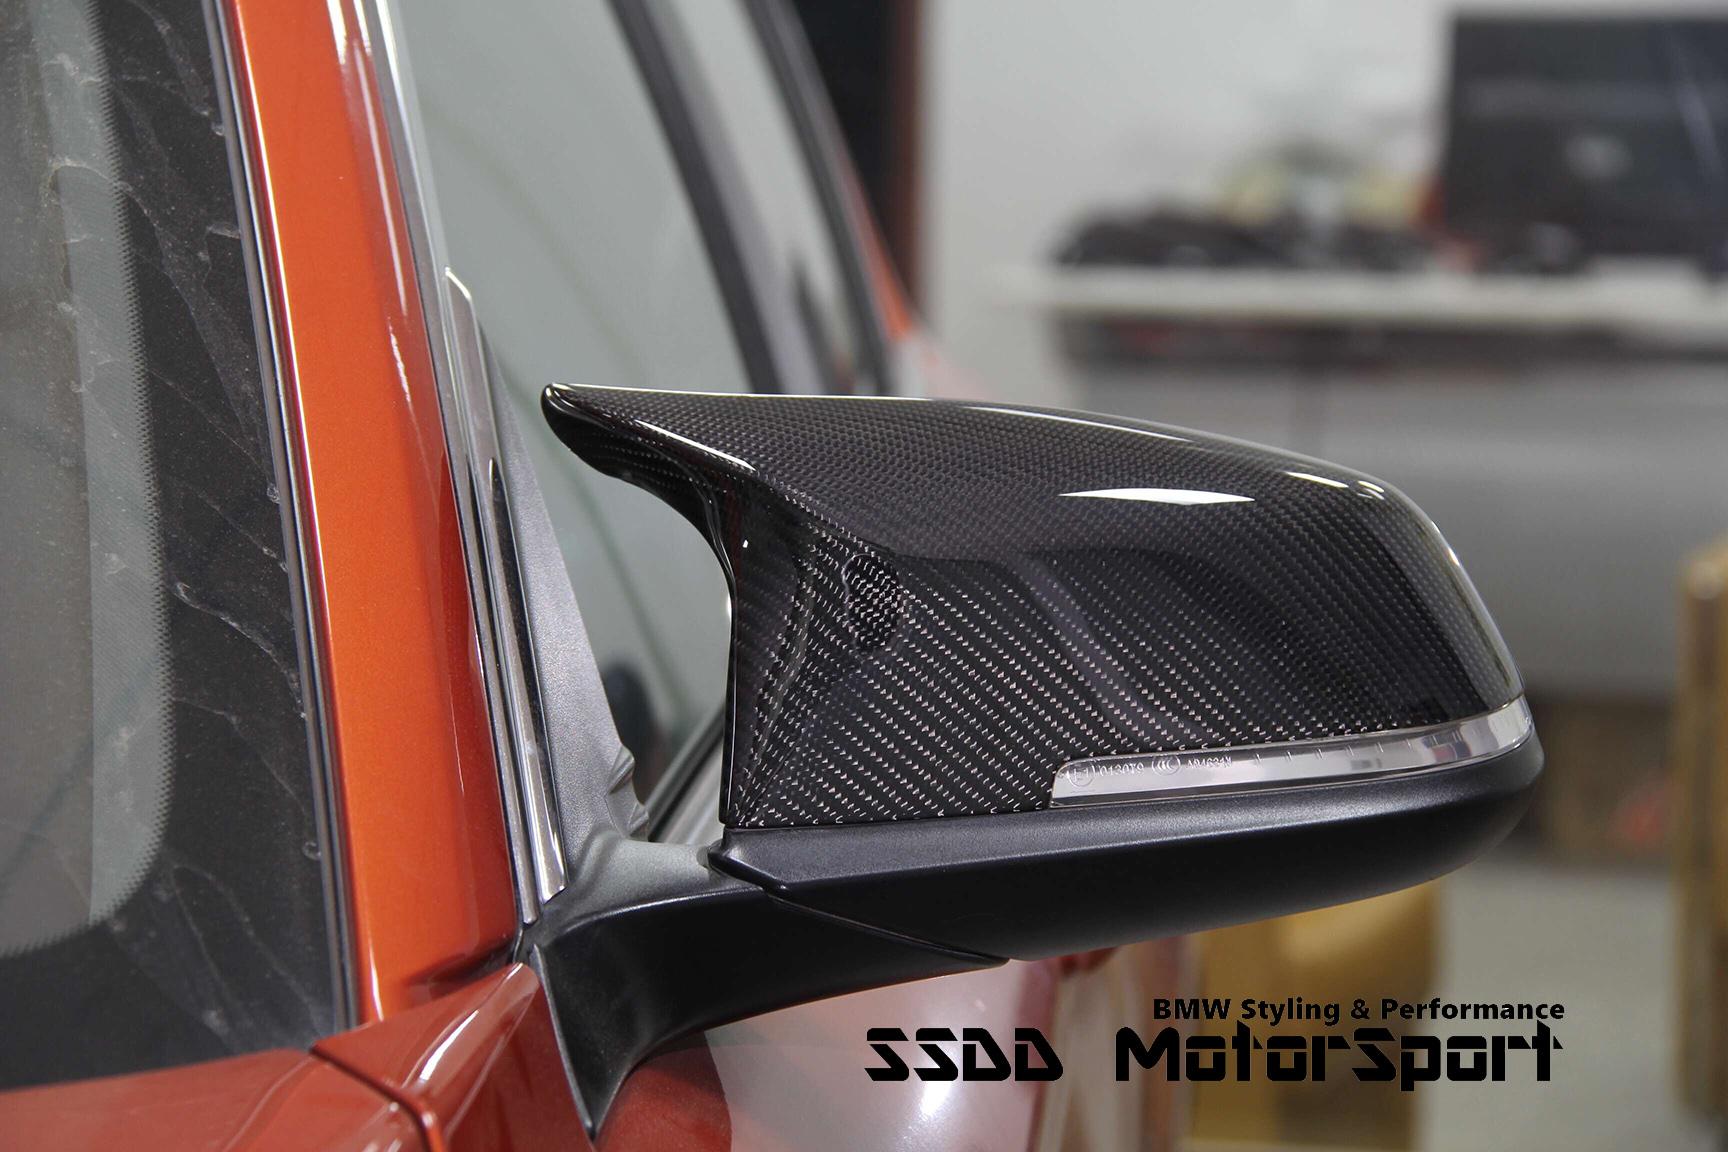 bmw-m-look-mirror-covers-f20-f21-f30-f32-f33-f36-3.jpg